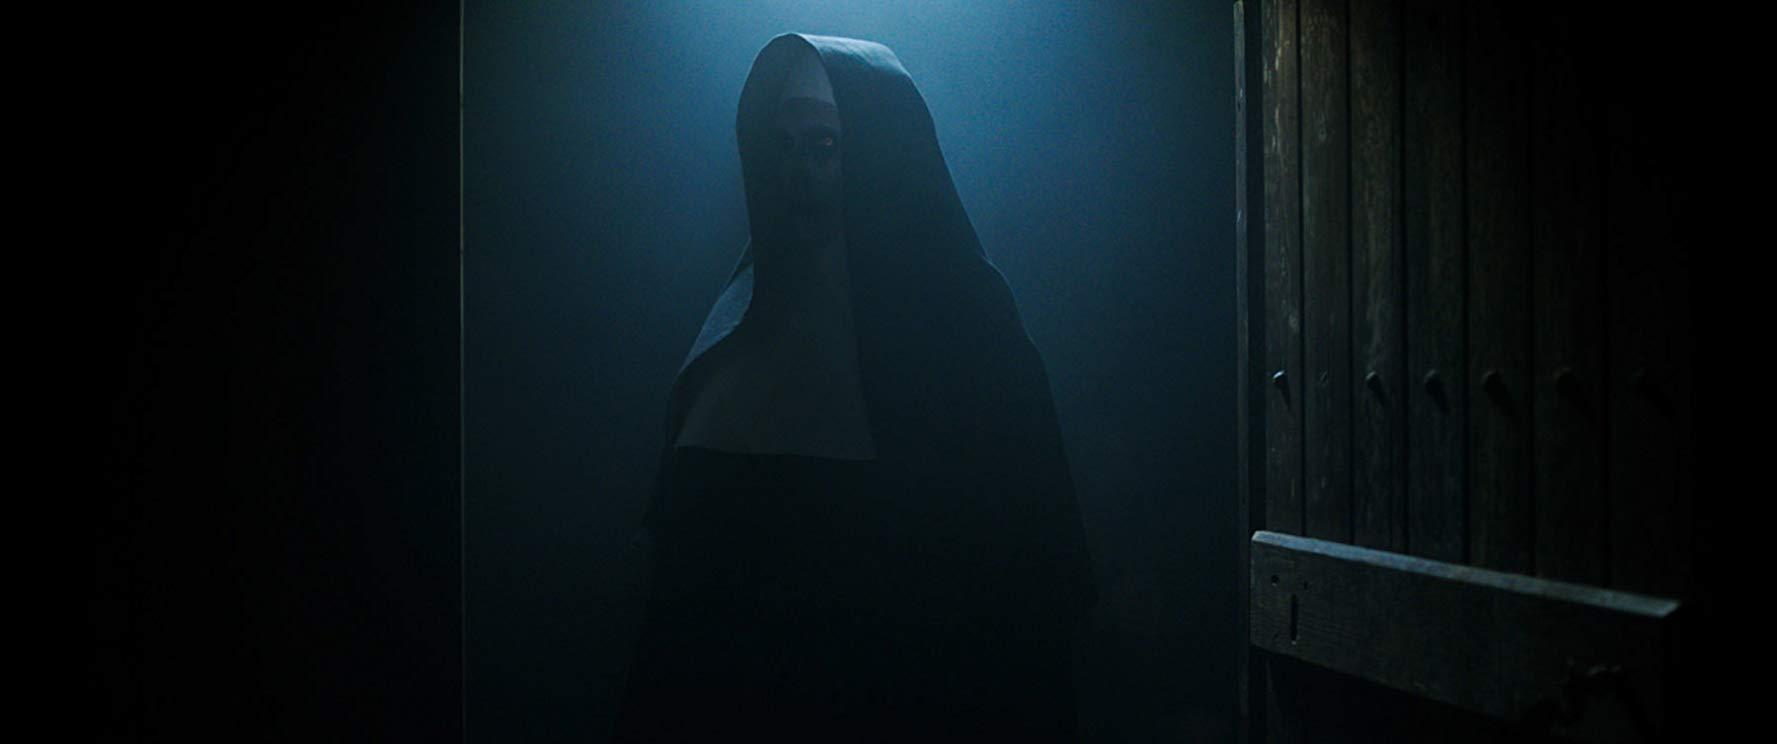 مشاهدة فيلم The Nun 2018 HD مترجم كامل اون لاين